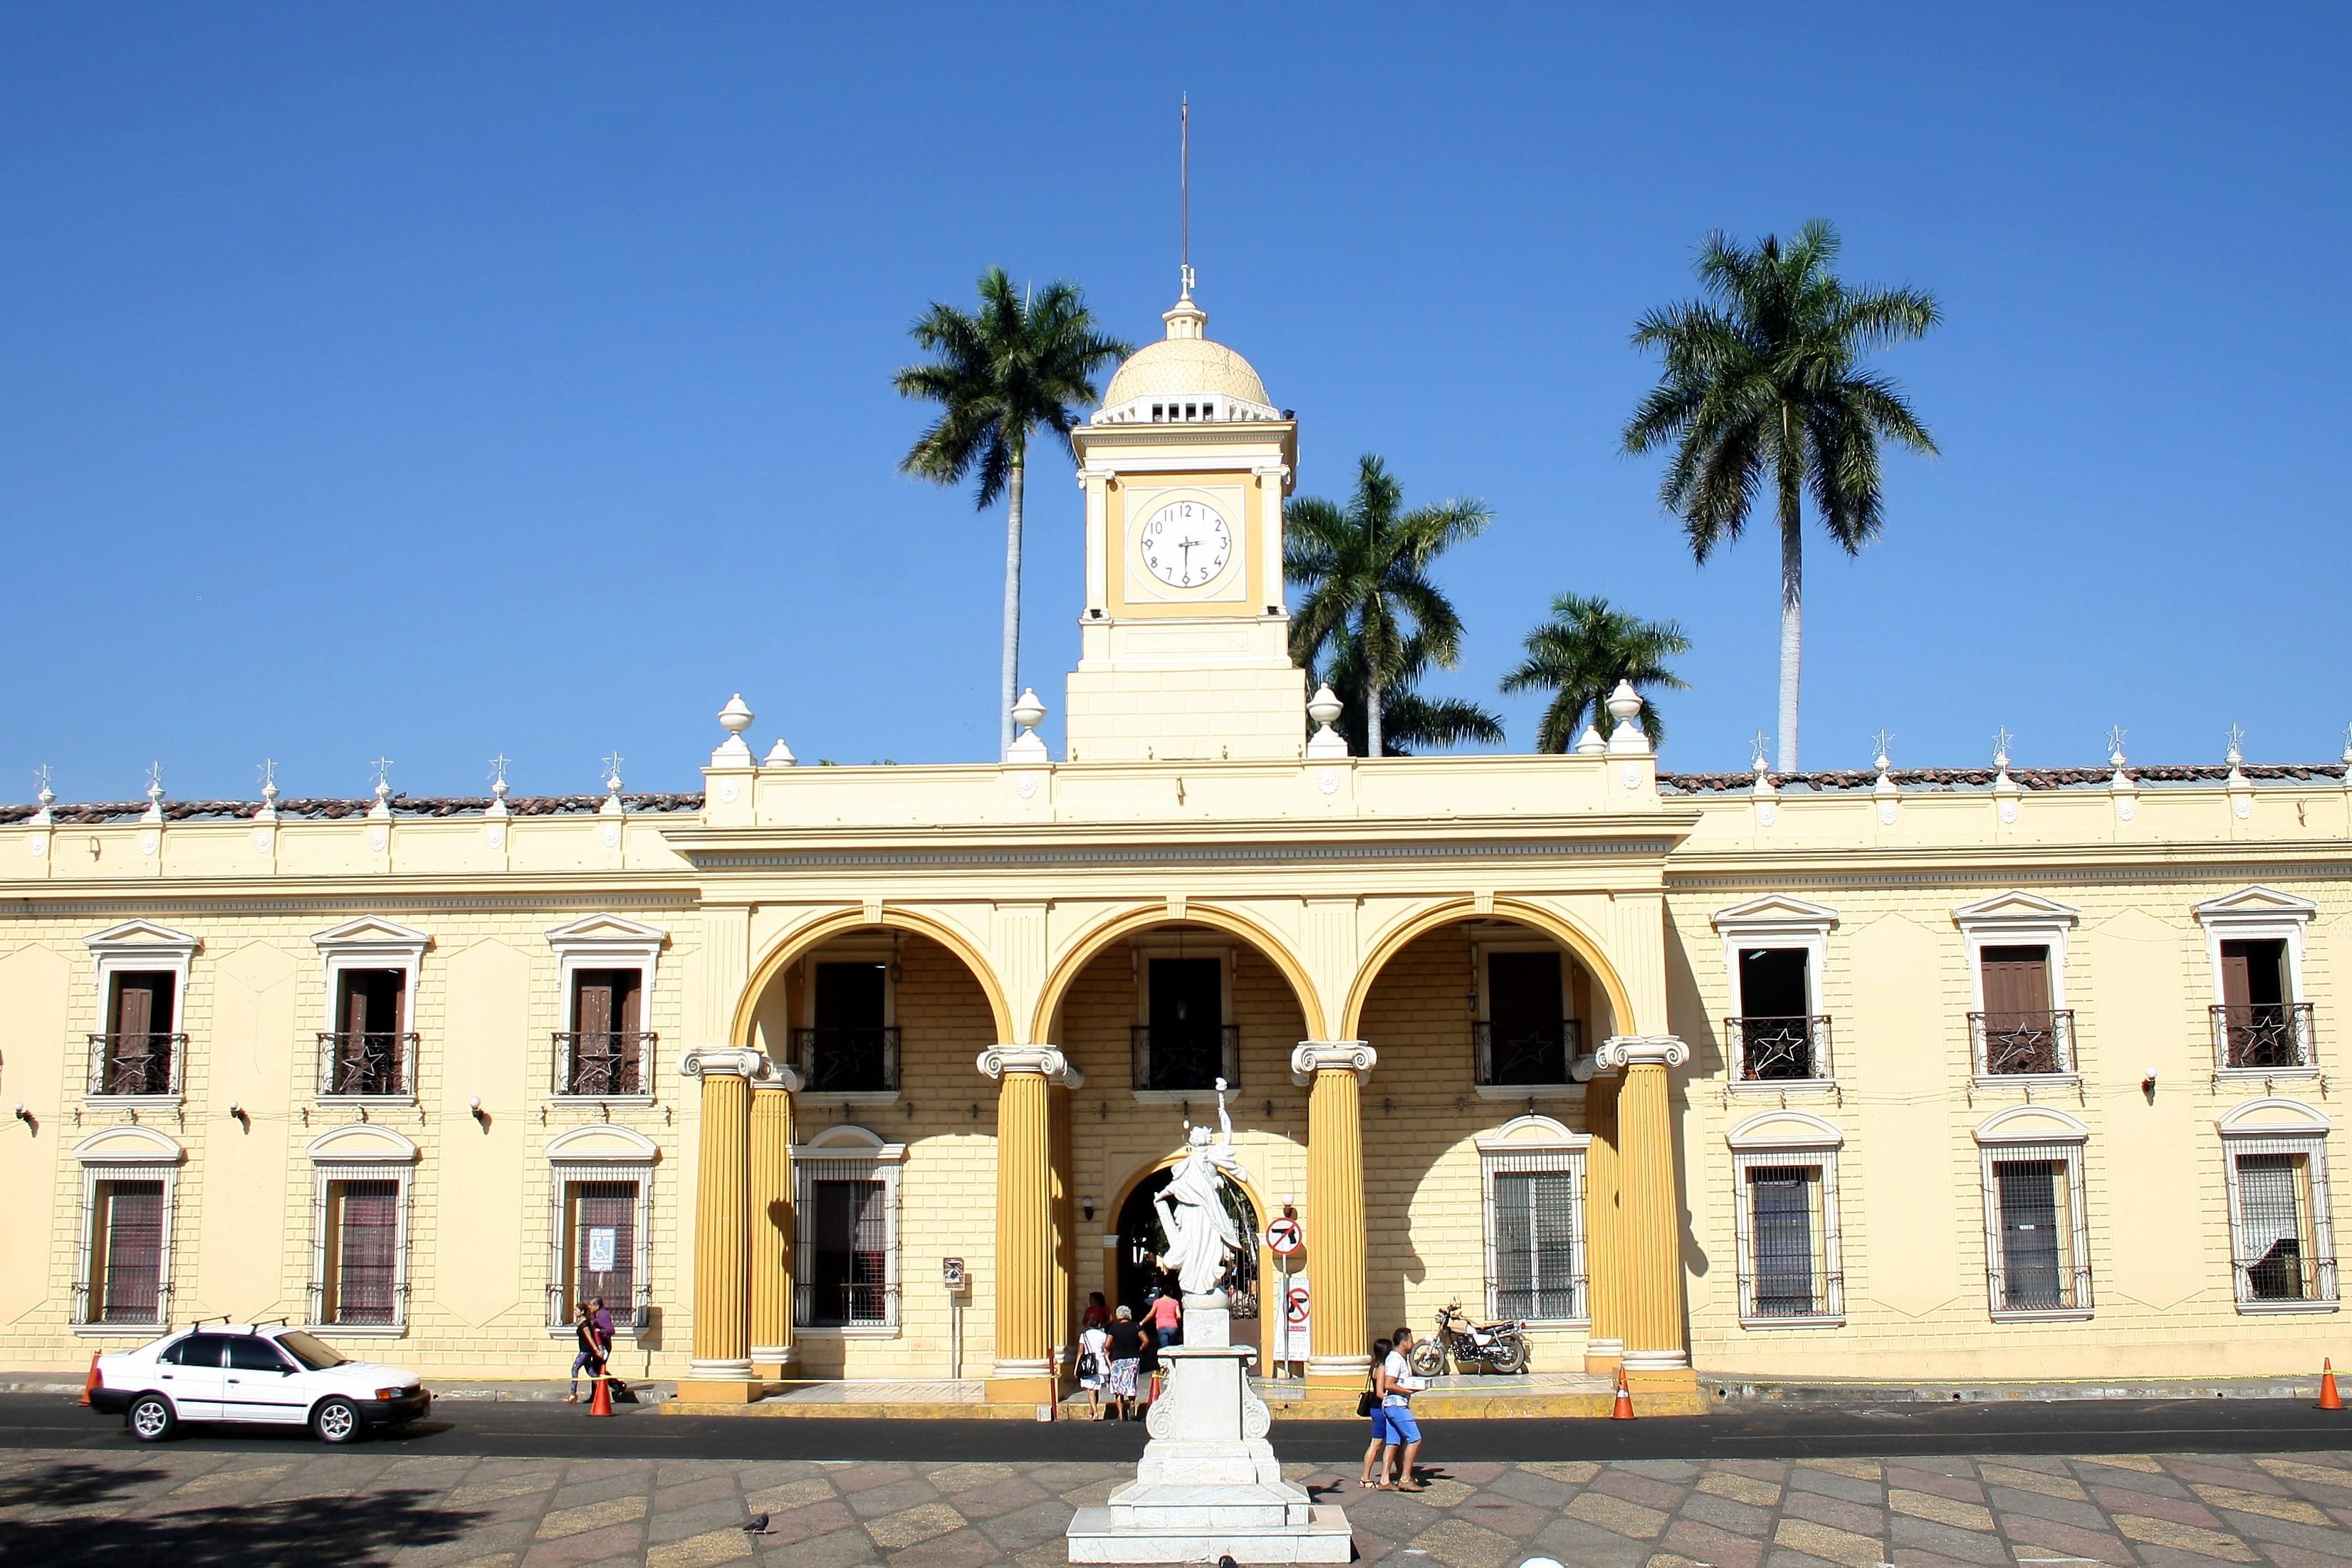 エルサルバドル観光サンタ・アナの見どころスポットまとめ!中米の大注目コロニアル都市の魅力